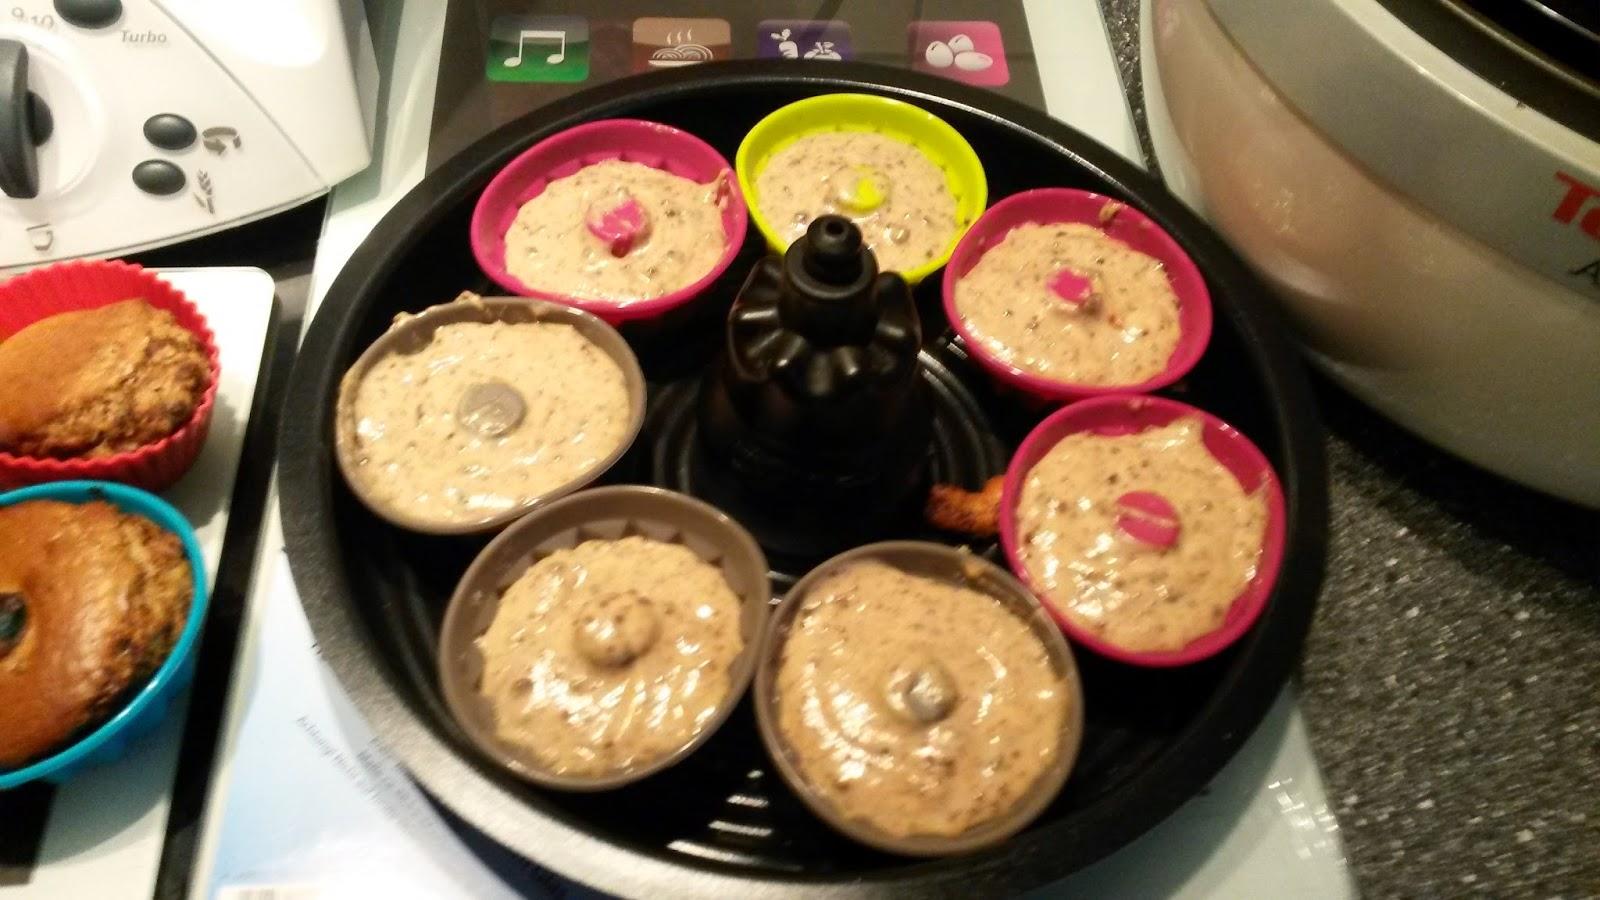 Drea S Tm Und Actifry Rezepte Welt Muffins Mit Schokolade Aus Dem